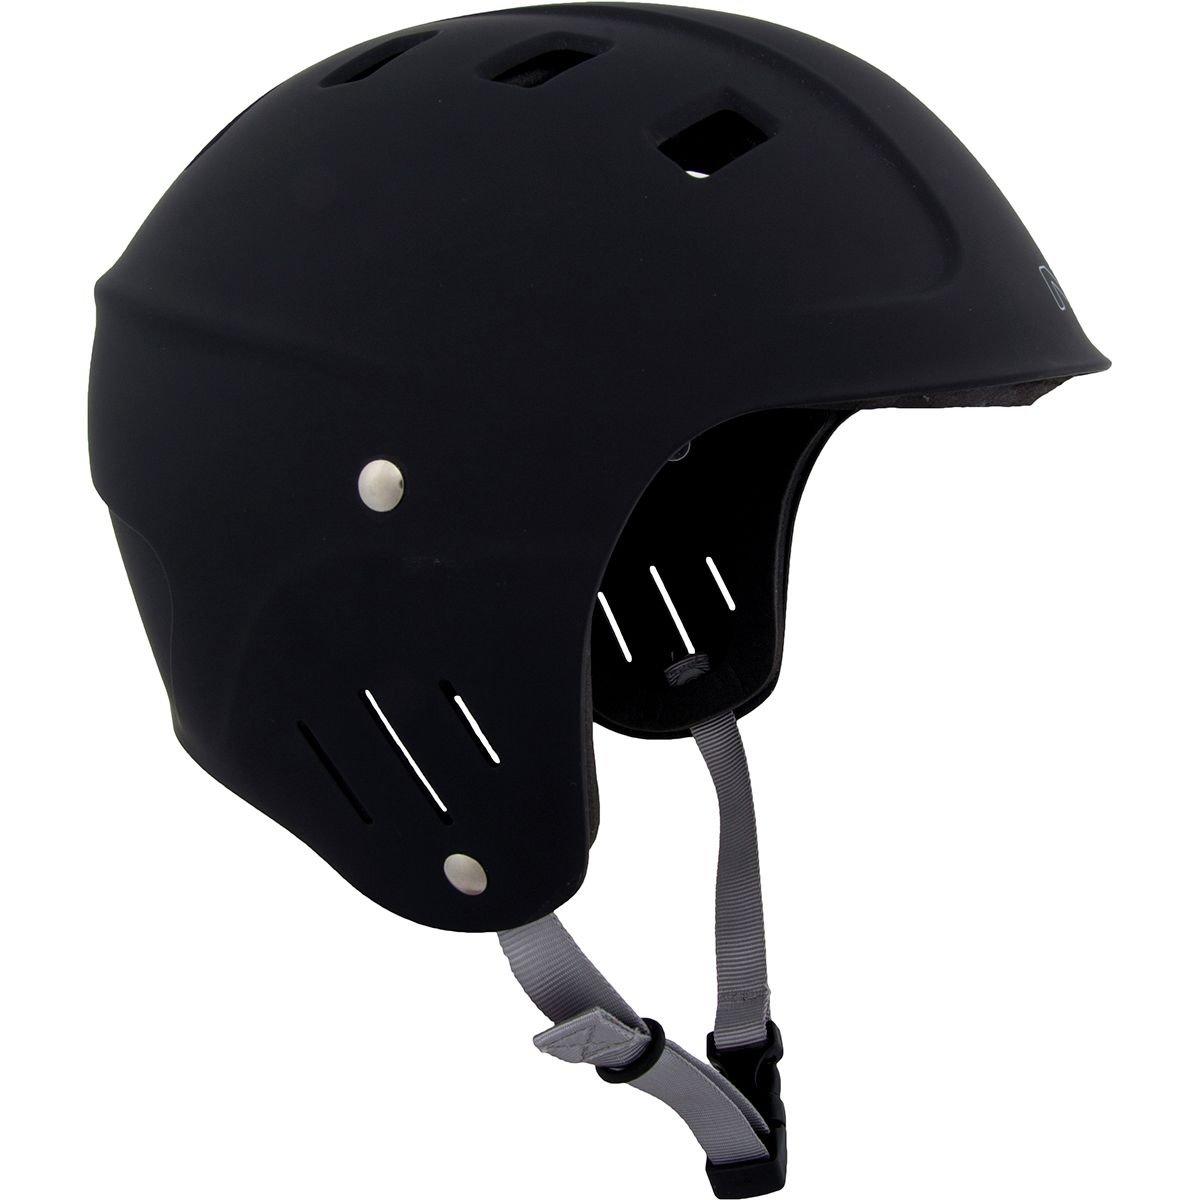 NRS Chaos Helmet - Full Cut Black XL by NRS